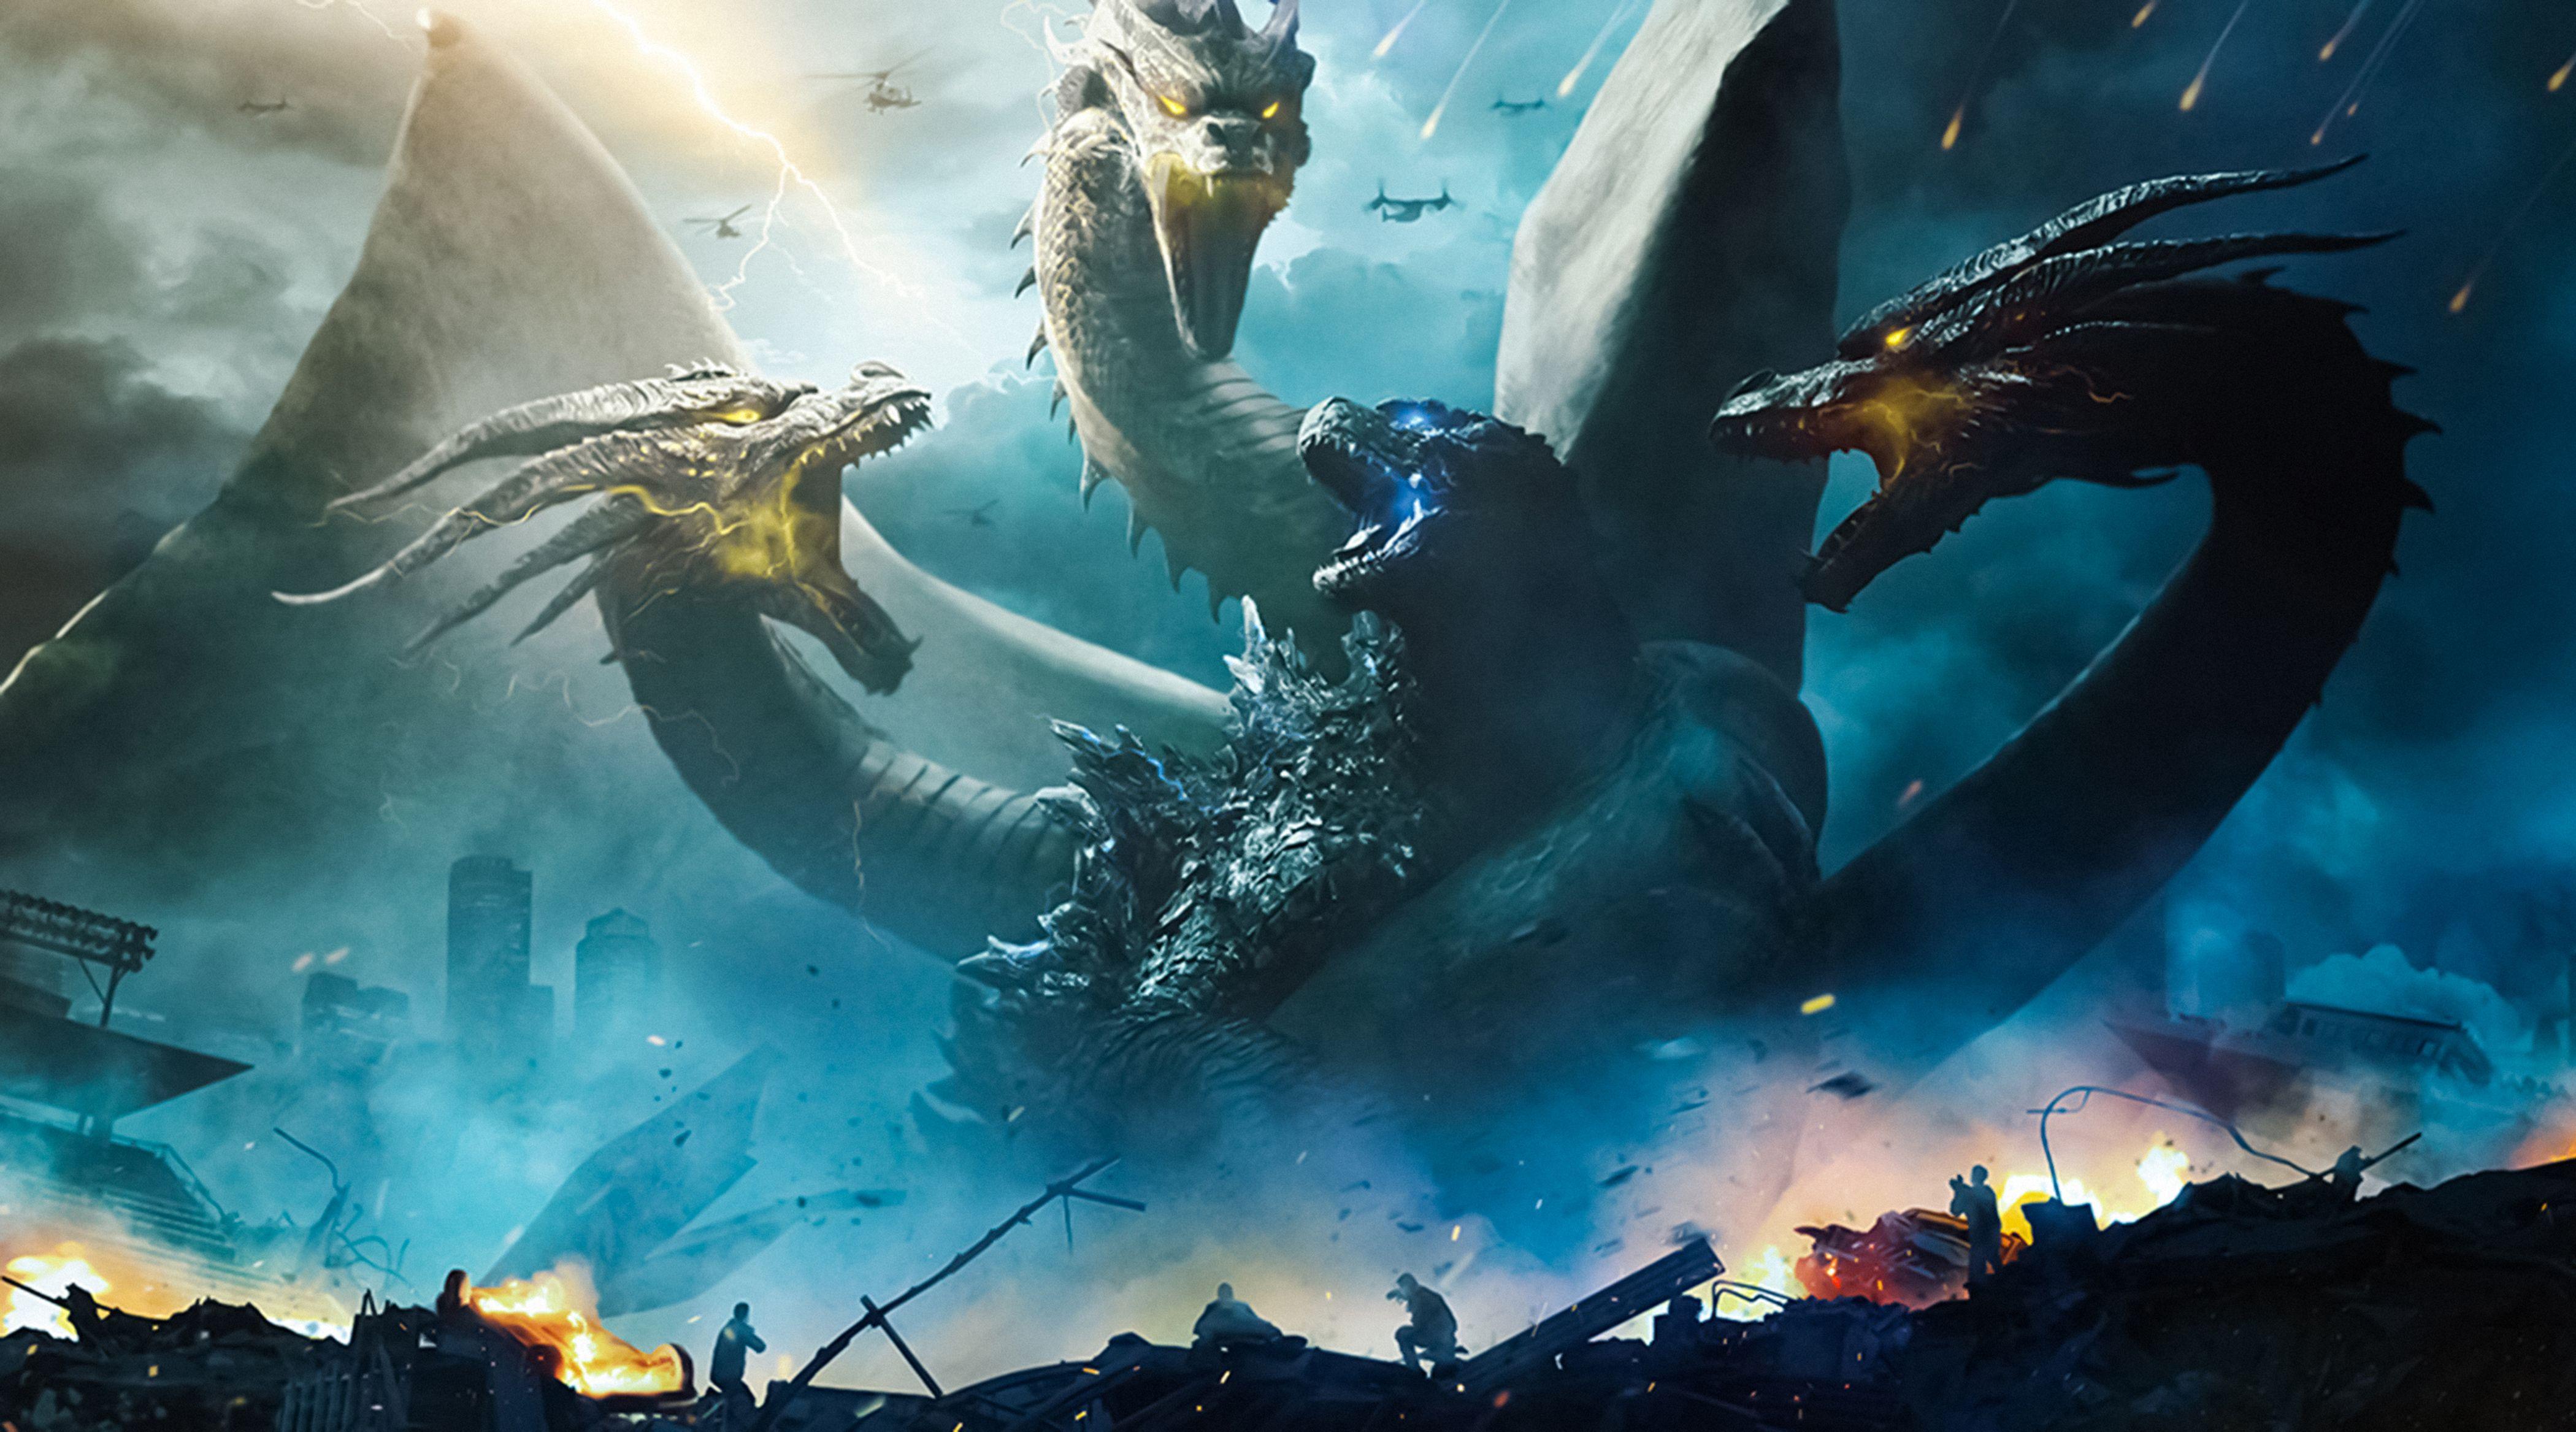 Godzilla PC Wallpapers   Top Godzilla PC Backgrounds 4200x2335